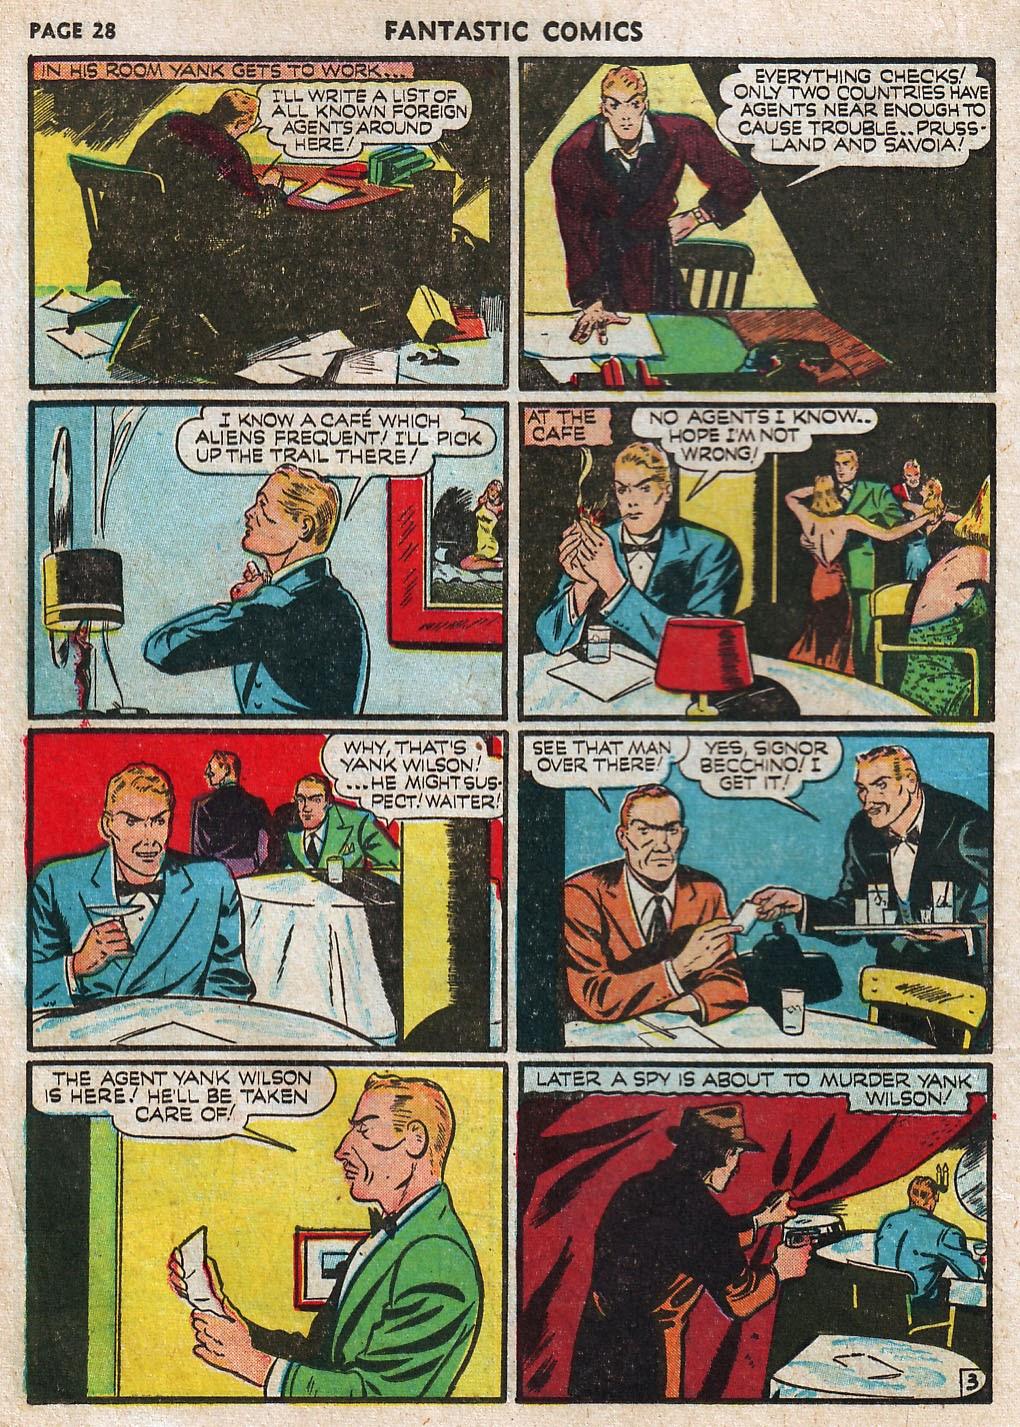 Read online Fantastic Comics comic -  Issue #17 - 30